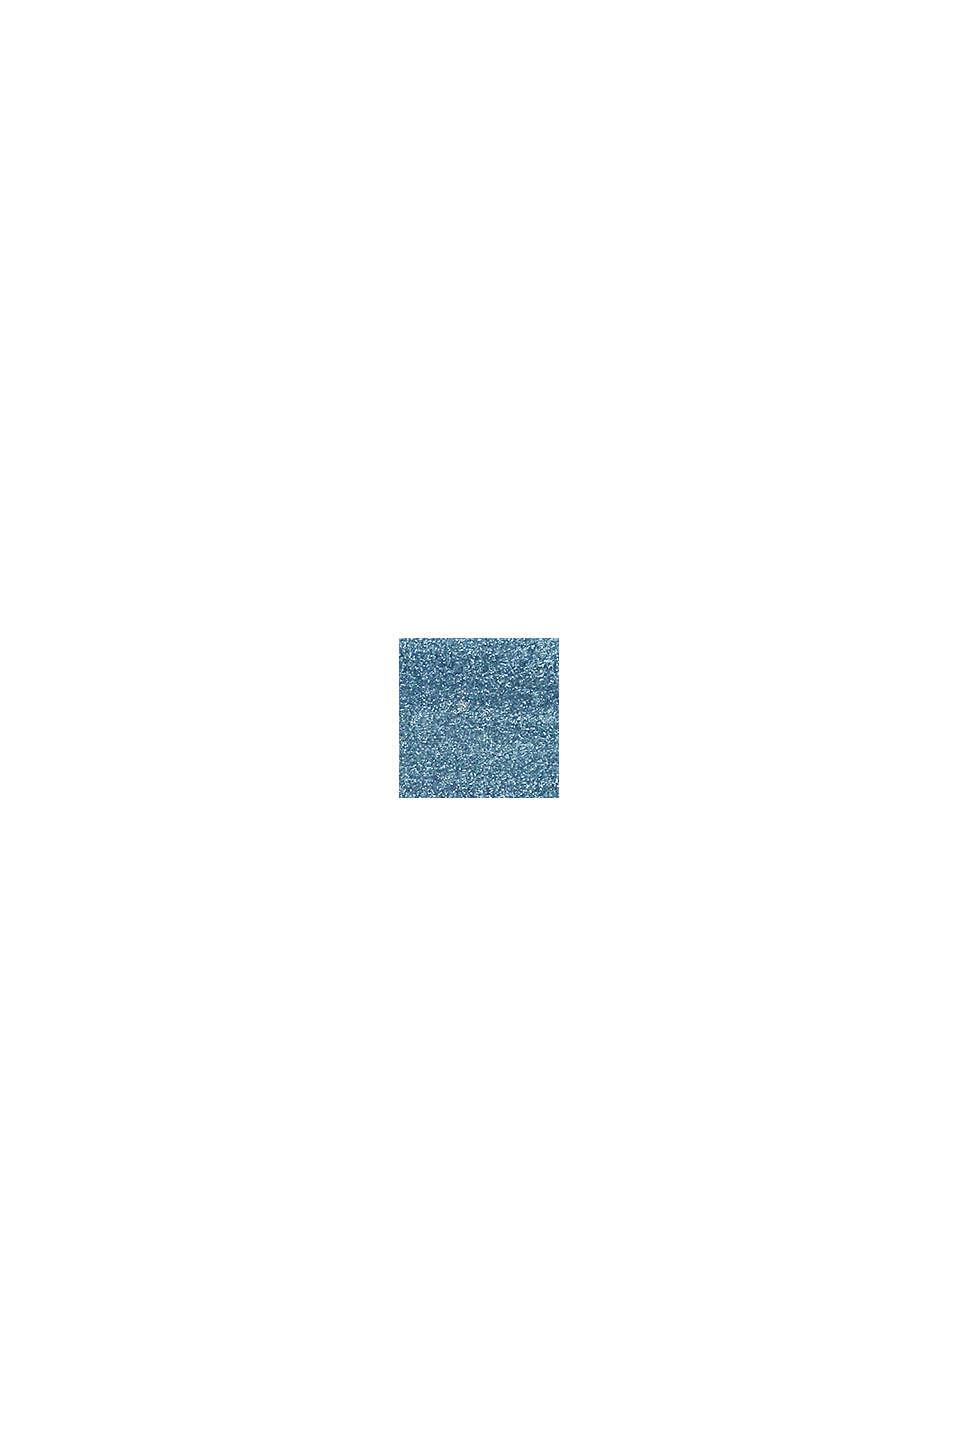 Kurzflor-Kinderteppich mit Weltraum-Muster, BLUE, swatch